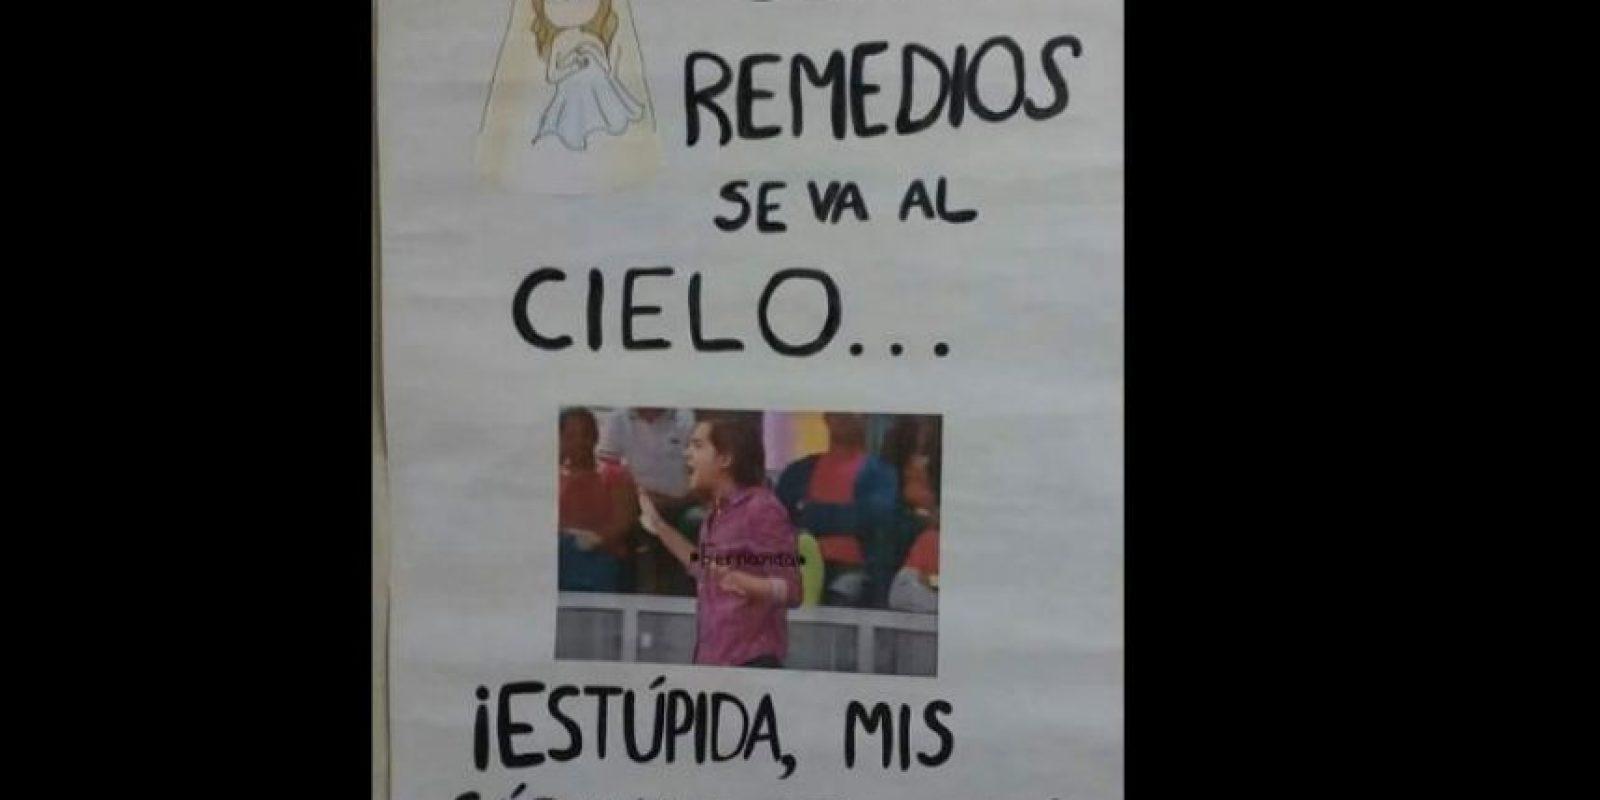 """Esteban de """"Caso Cerrado"""" es Fernanda del Carpio cuando Remedios la bella le quita las sábanas. Foto:vía Facebook/JackieBreuma. Imagen Por:"""